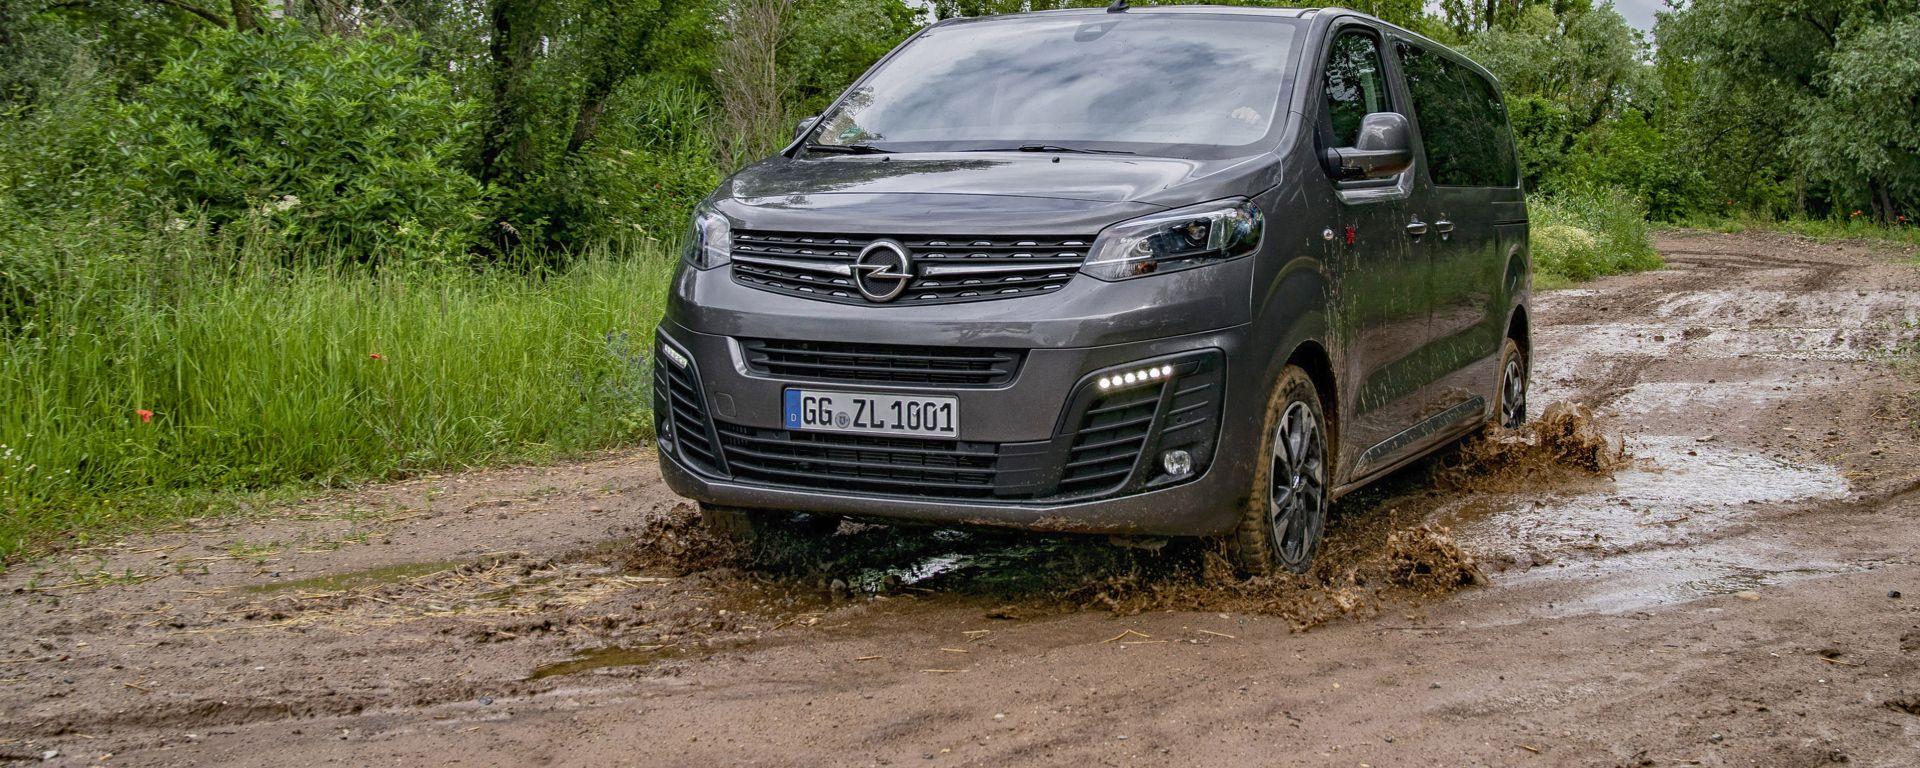 Nuova Opel Zafira Life, la comfort-volume che ama l'offroad